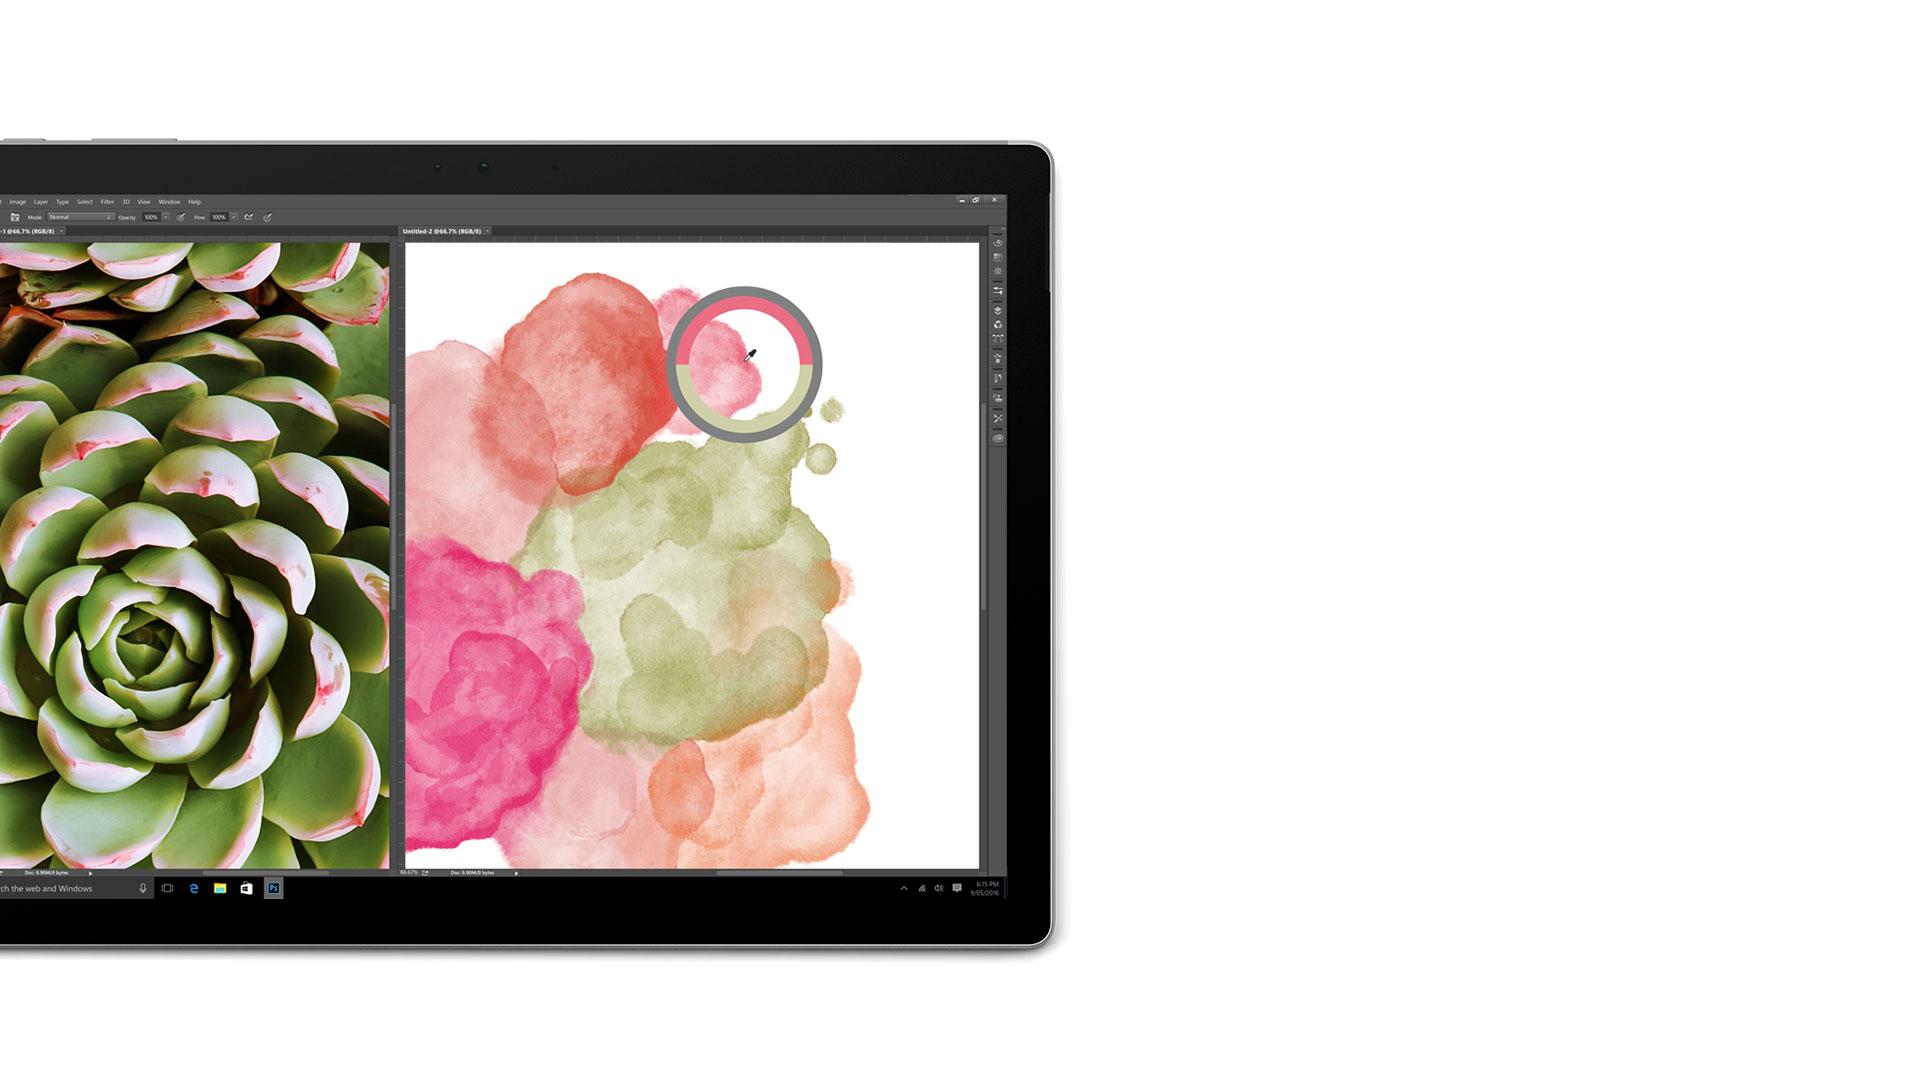 Surface Book-Display mit geöffnetem Adobe Photoshop